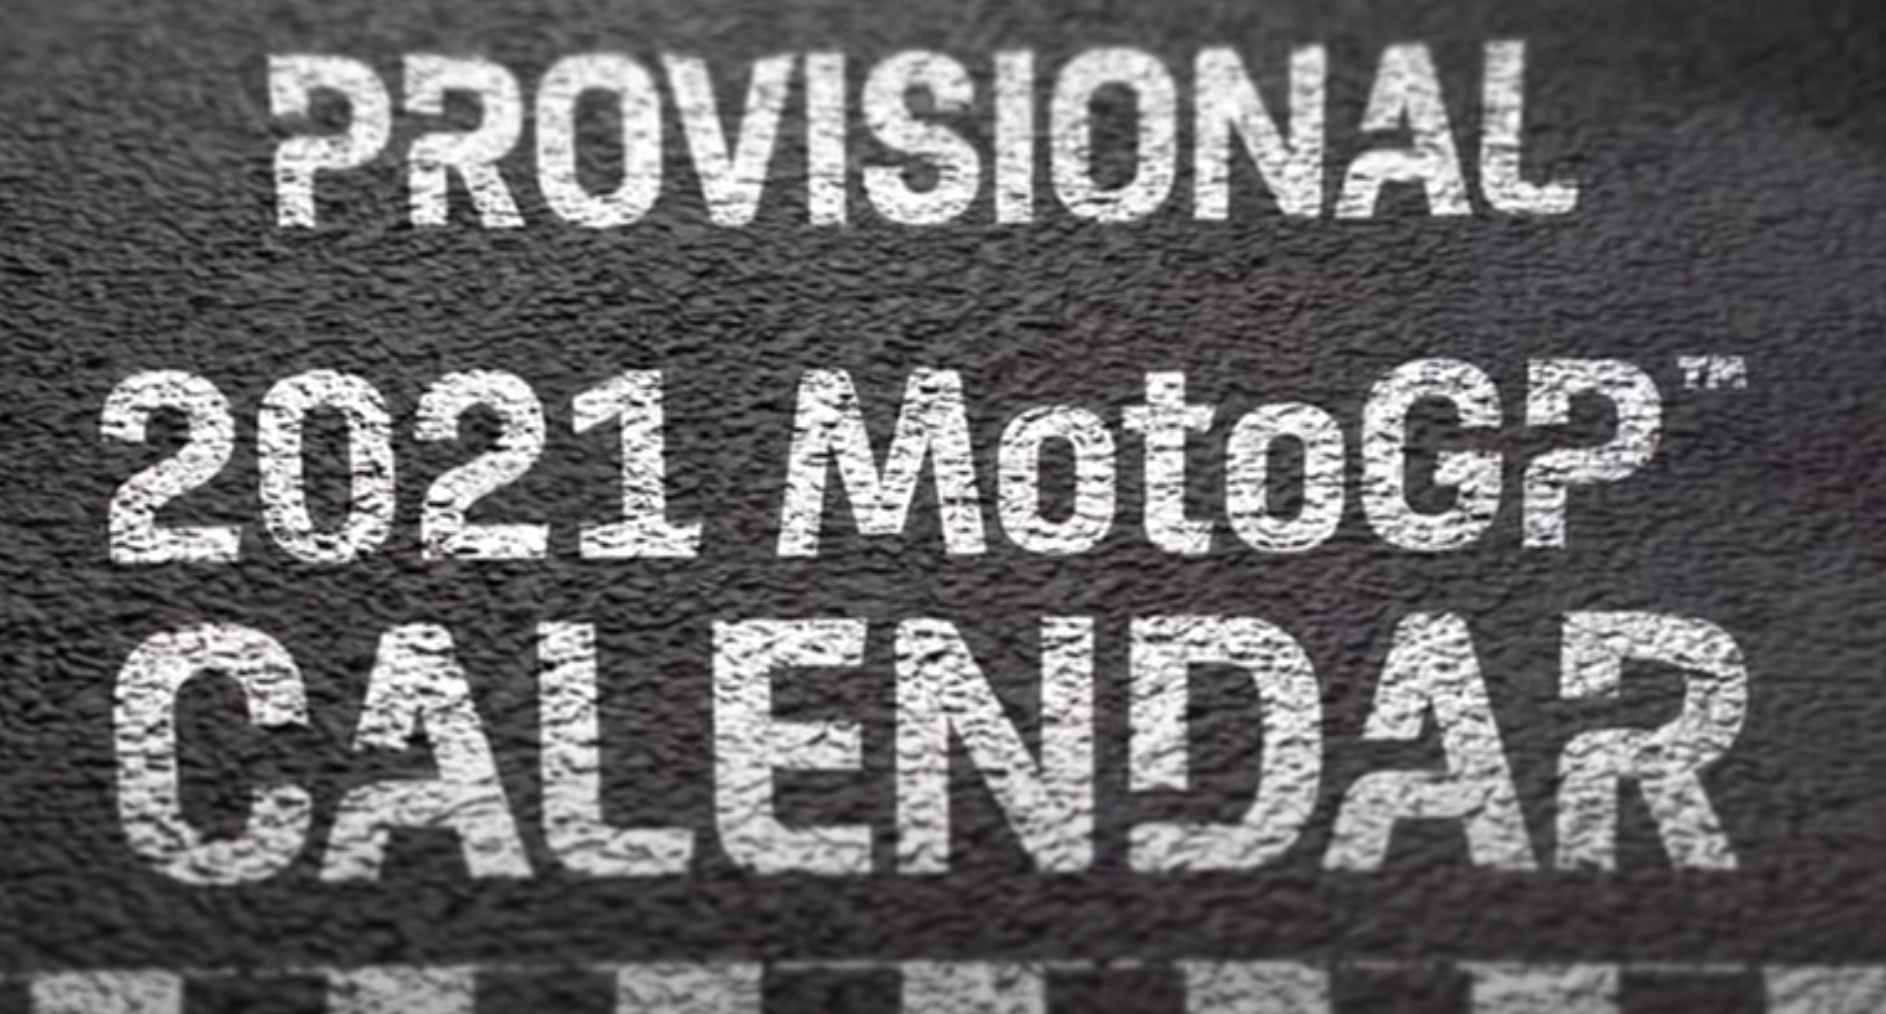 【MotoGP 2021】レース日程|2021年MotoGPのレーススケジュールをまとめた暫定カレンダー(Moto2,Moto3,MotoE)1.23更新